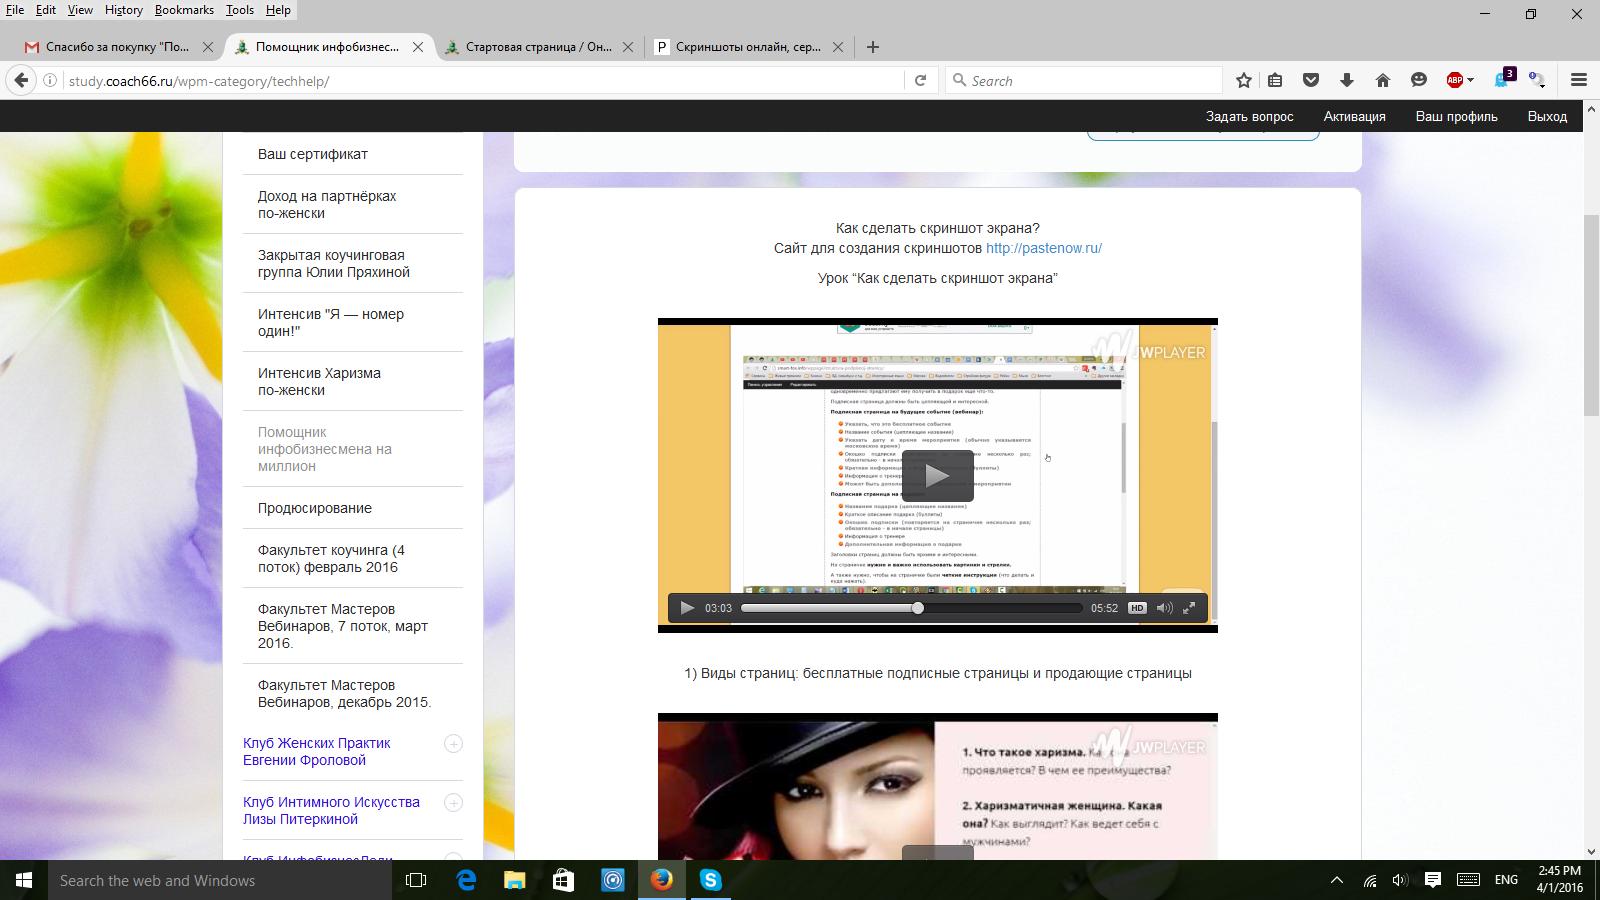 Как сделать скриншот страницы за пару секунд? 47